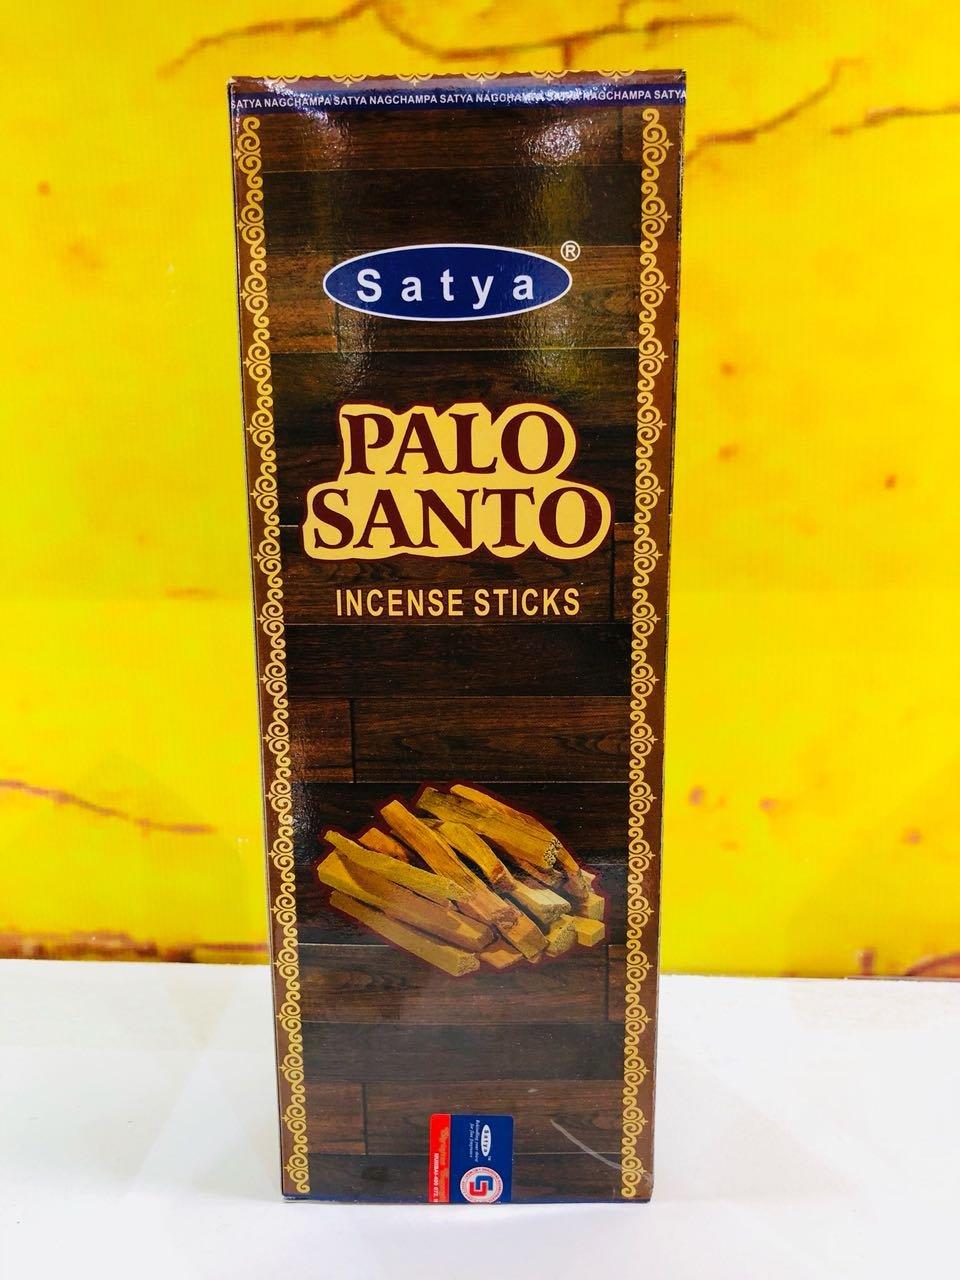 大人気の Satya | : Palo Santo Incense Sticks Incense | 6パックX 20 6パックX Sticks各|ボックスの120 Sticks B07FKRC9JN, 【代引可】:92885532 --- egreensolutions.ca